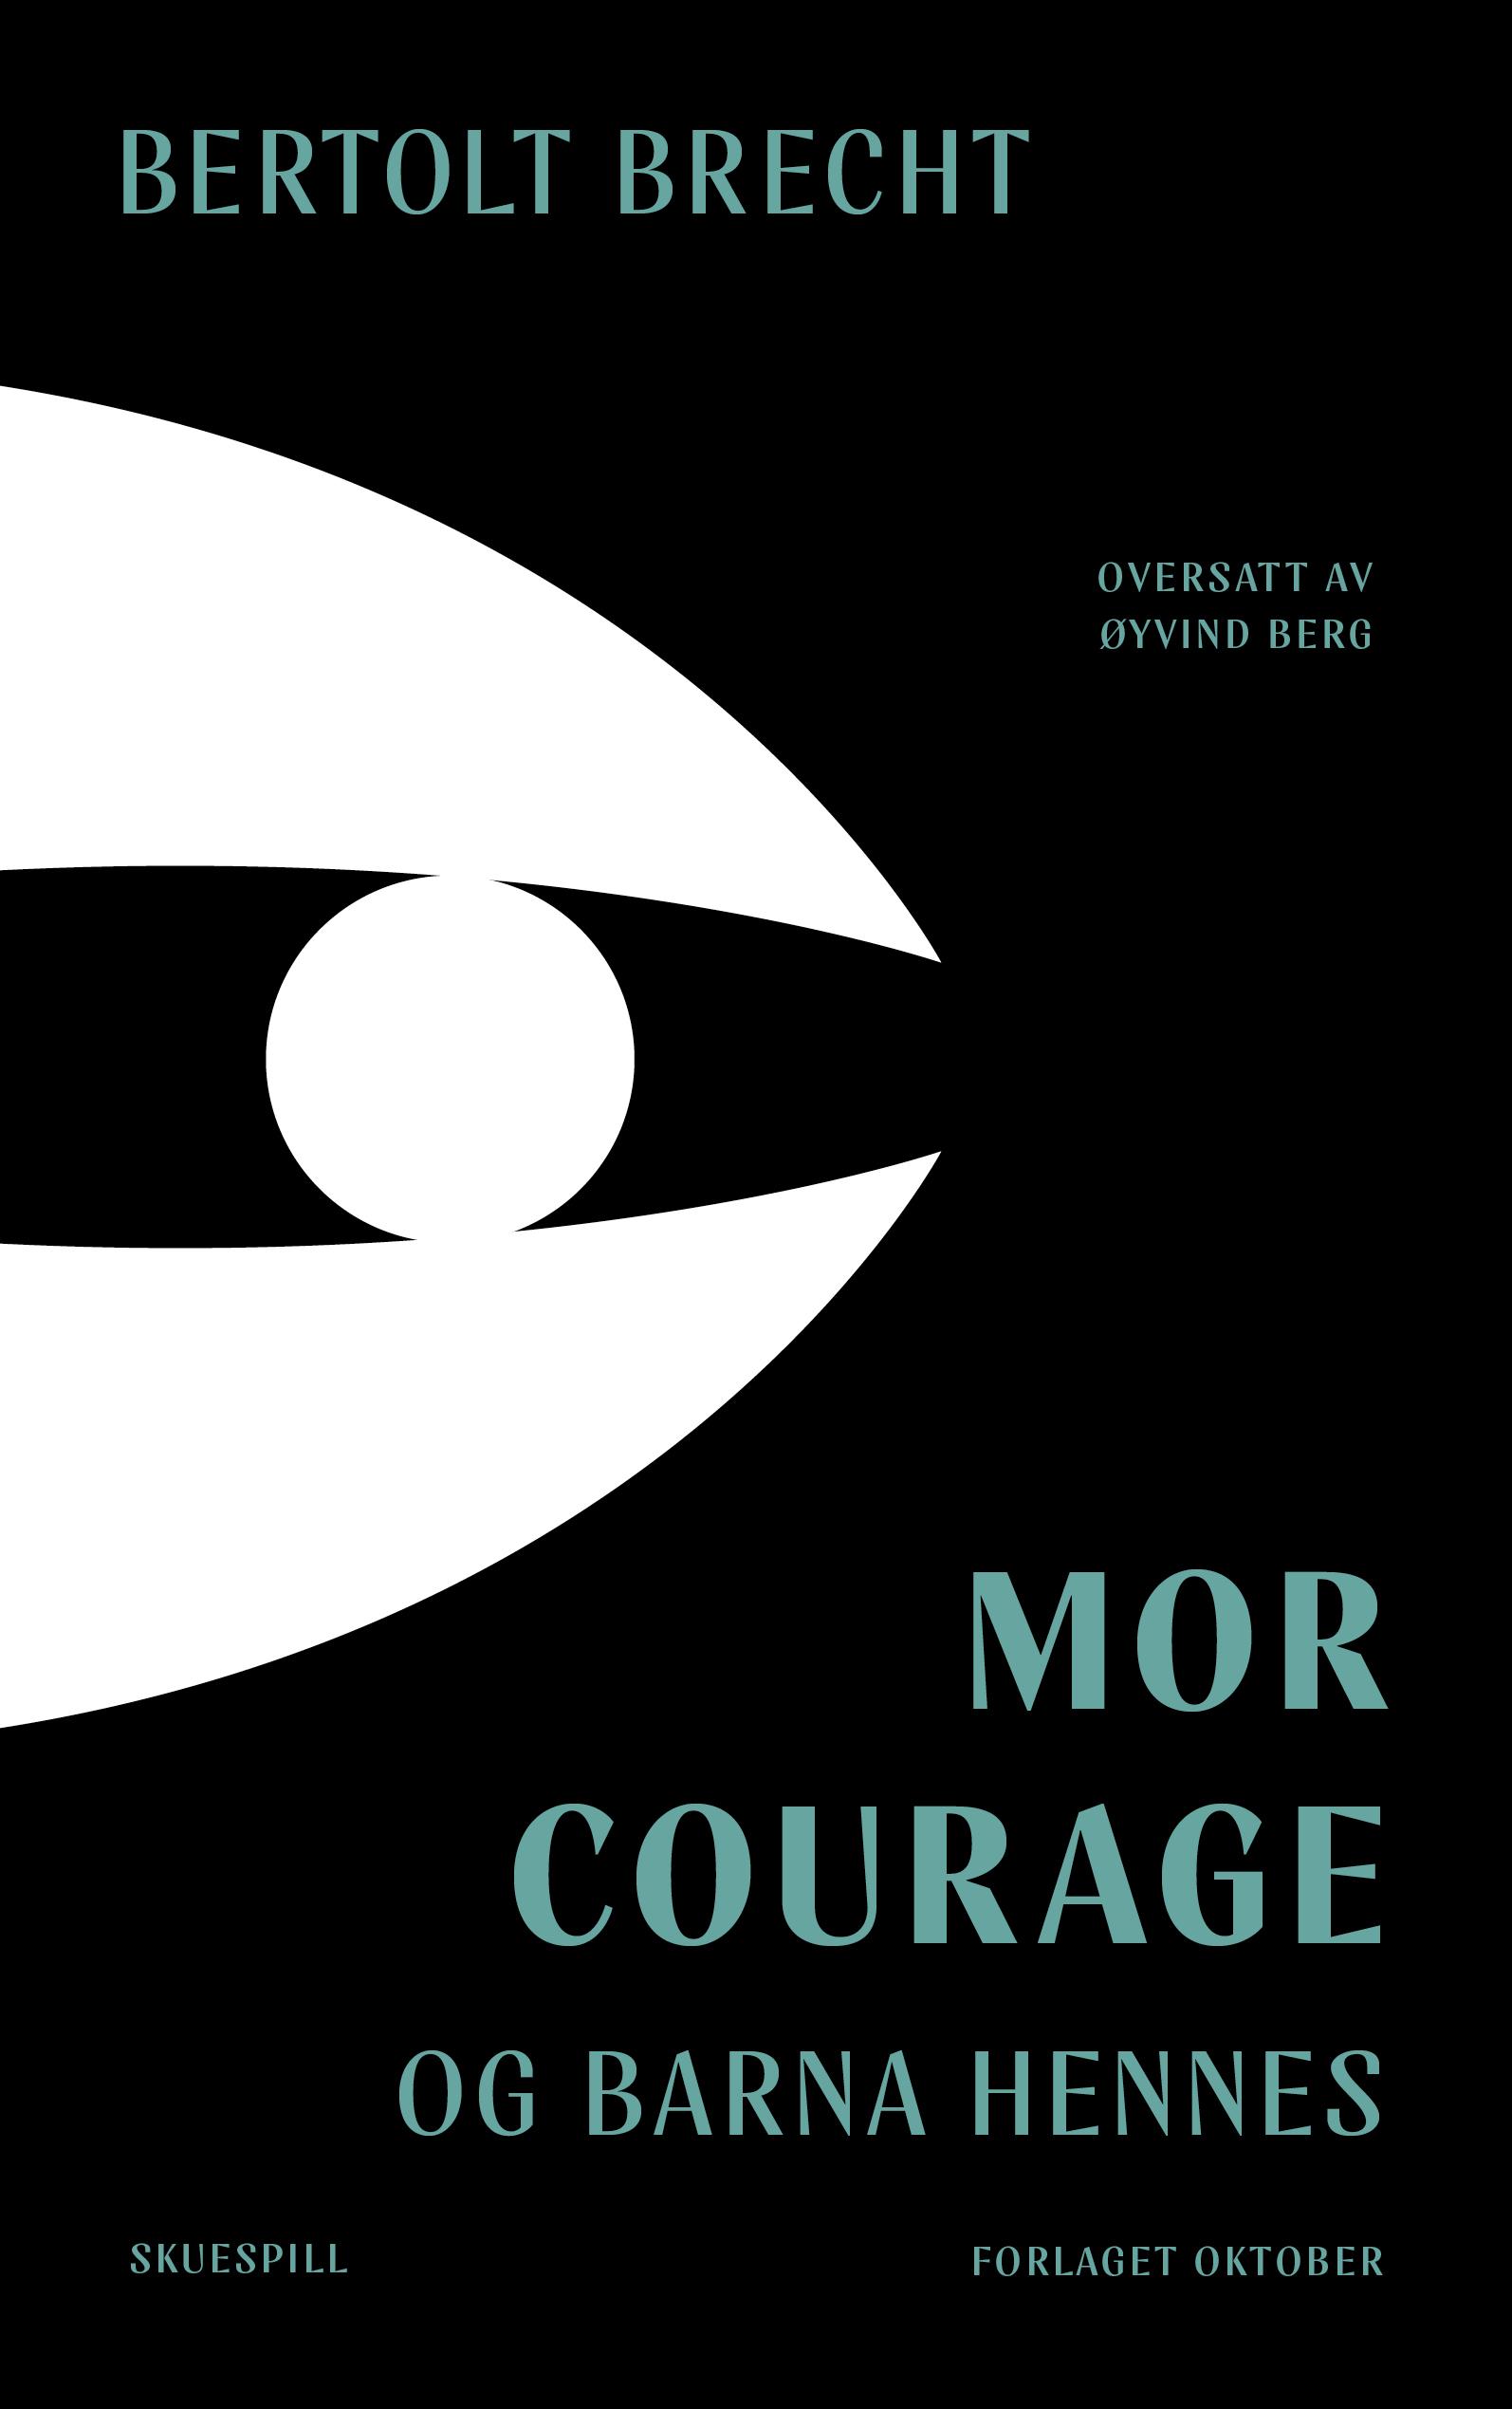 Bertolt Brecht Mor Courage og barna hennes